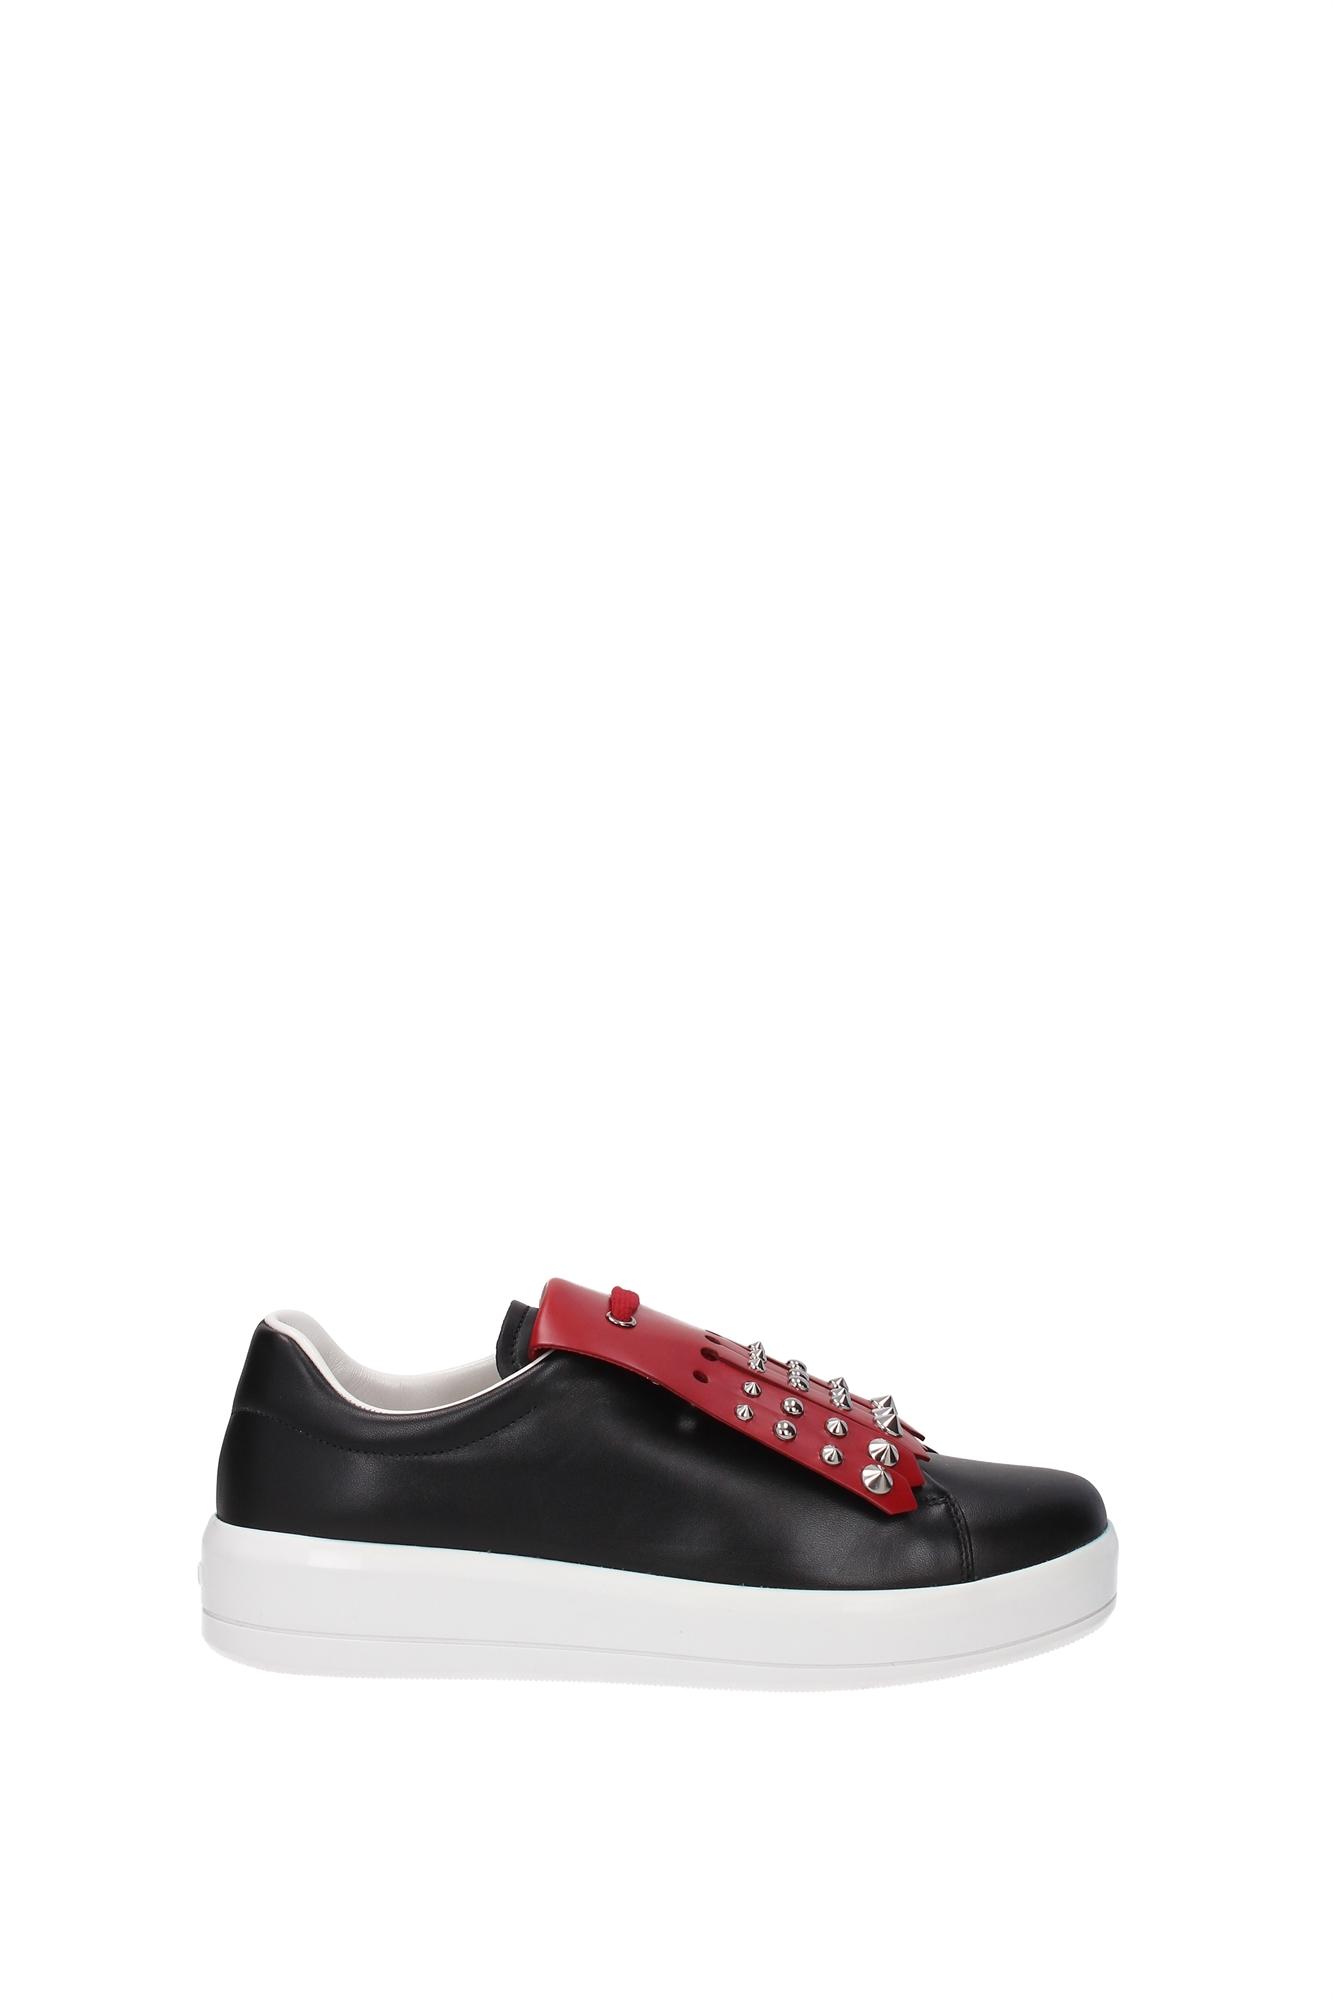 Sneakers-Prada-Donna-1E142HNEROROSSO